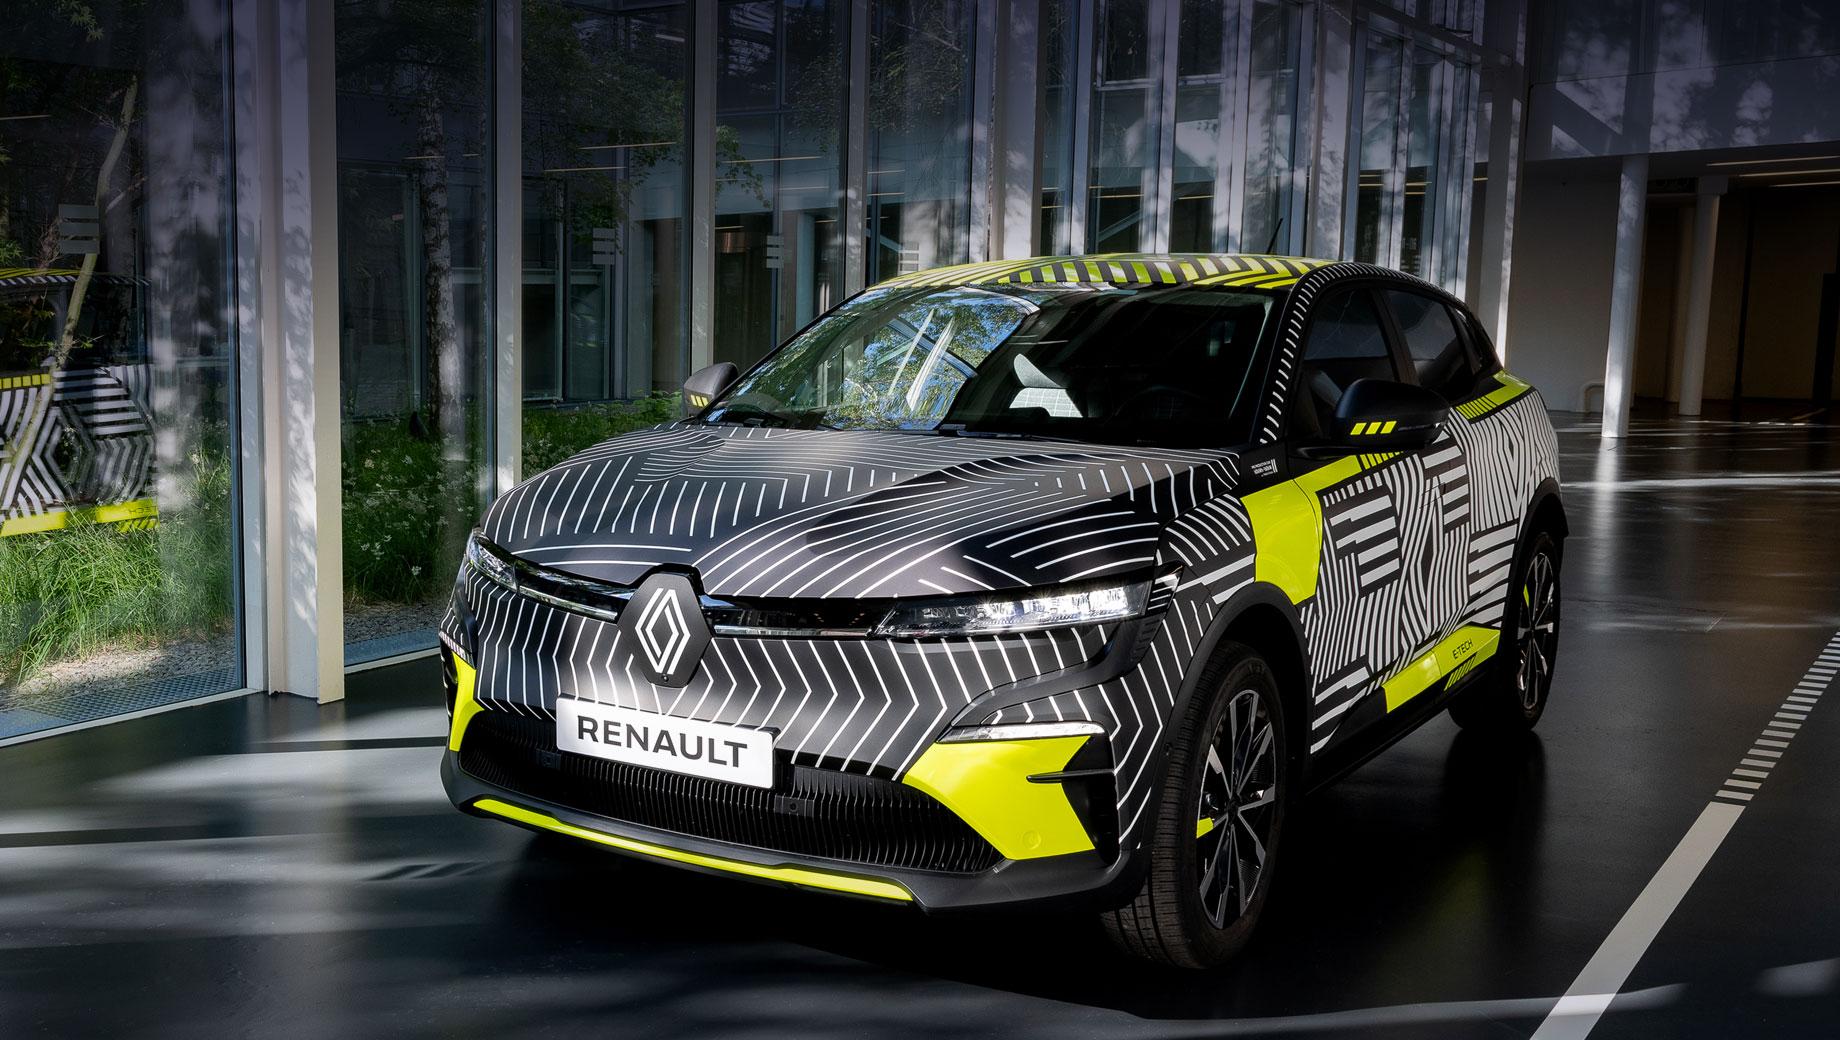 Renault megane,Renault megane e-tech. Укороченное имя электрокара — MeganE (произносится раздельно: «Меган И»). Пятидверка замаскирована новым камуфляжем от подразделения Renault Design, который посредством линий и фигур обыгрывает переосмысленный логотип Renault.